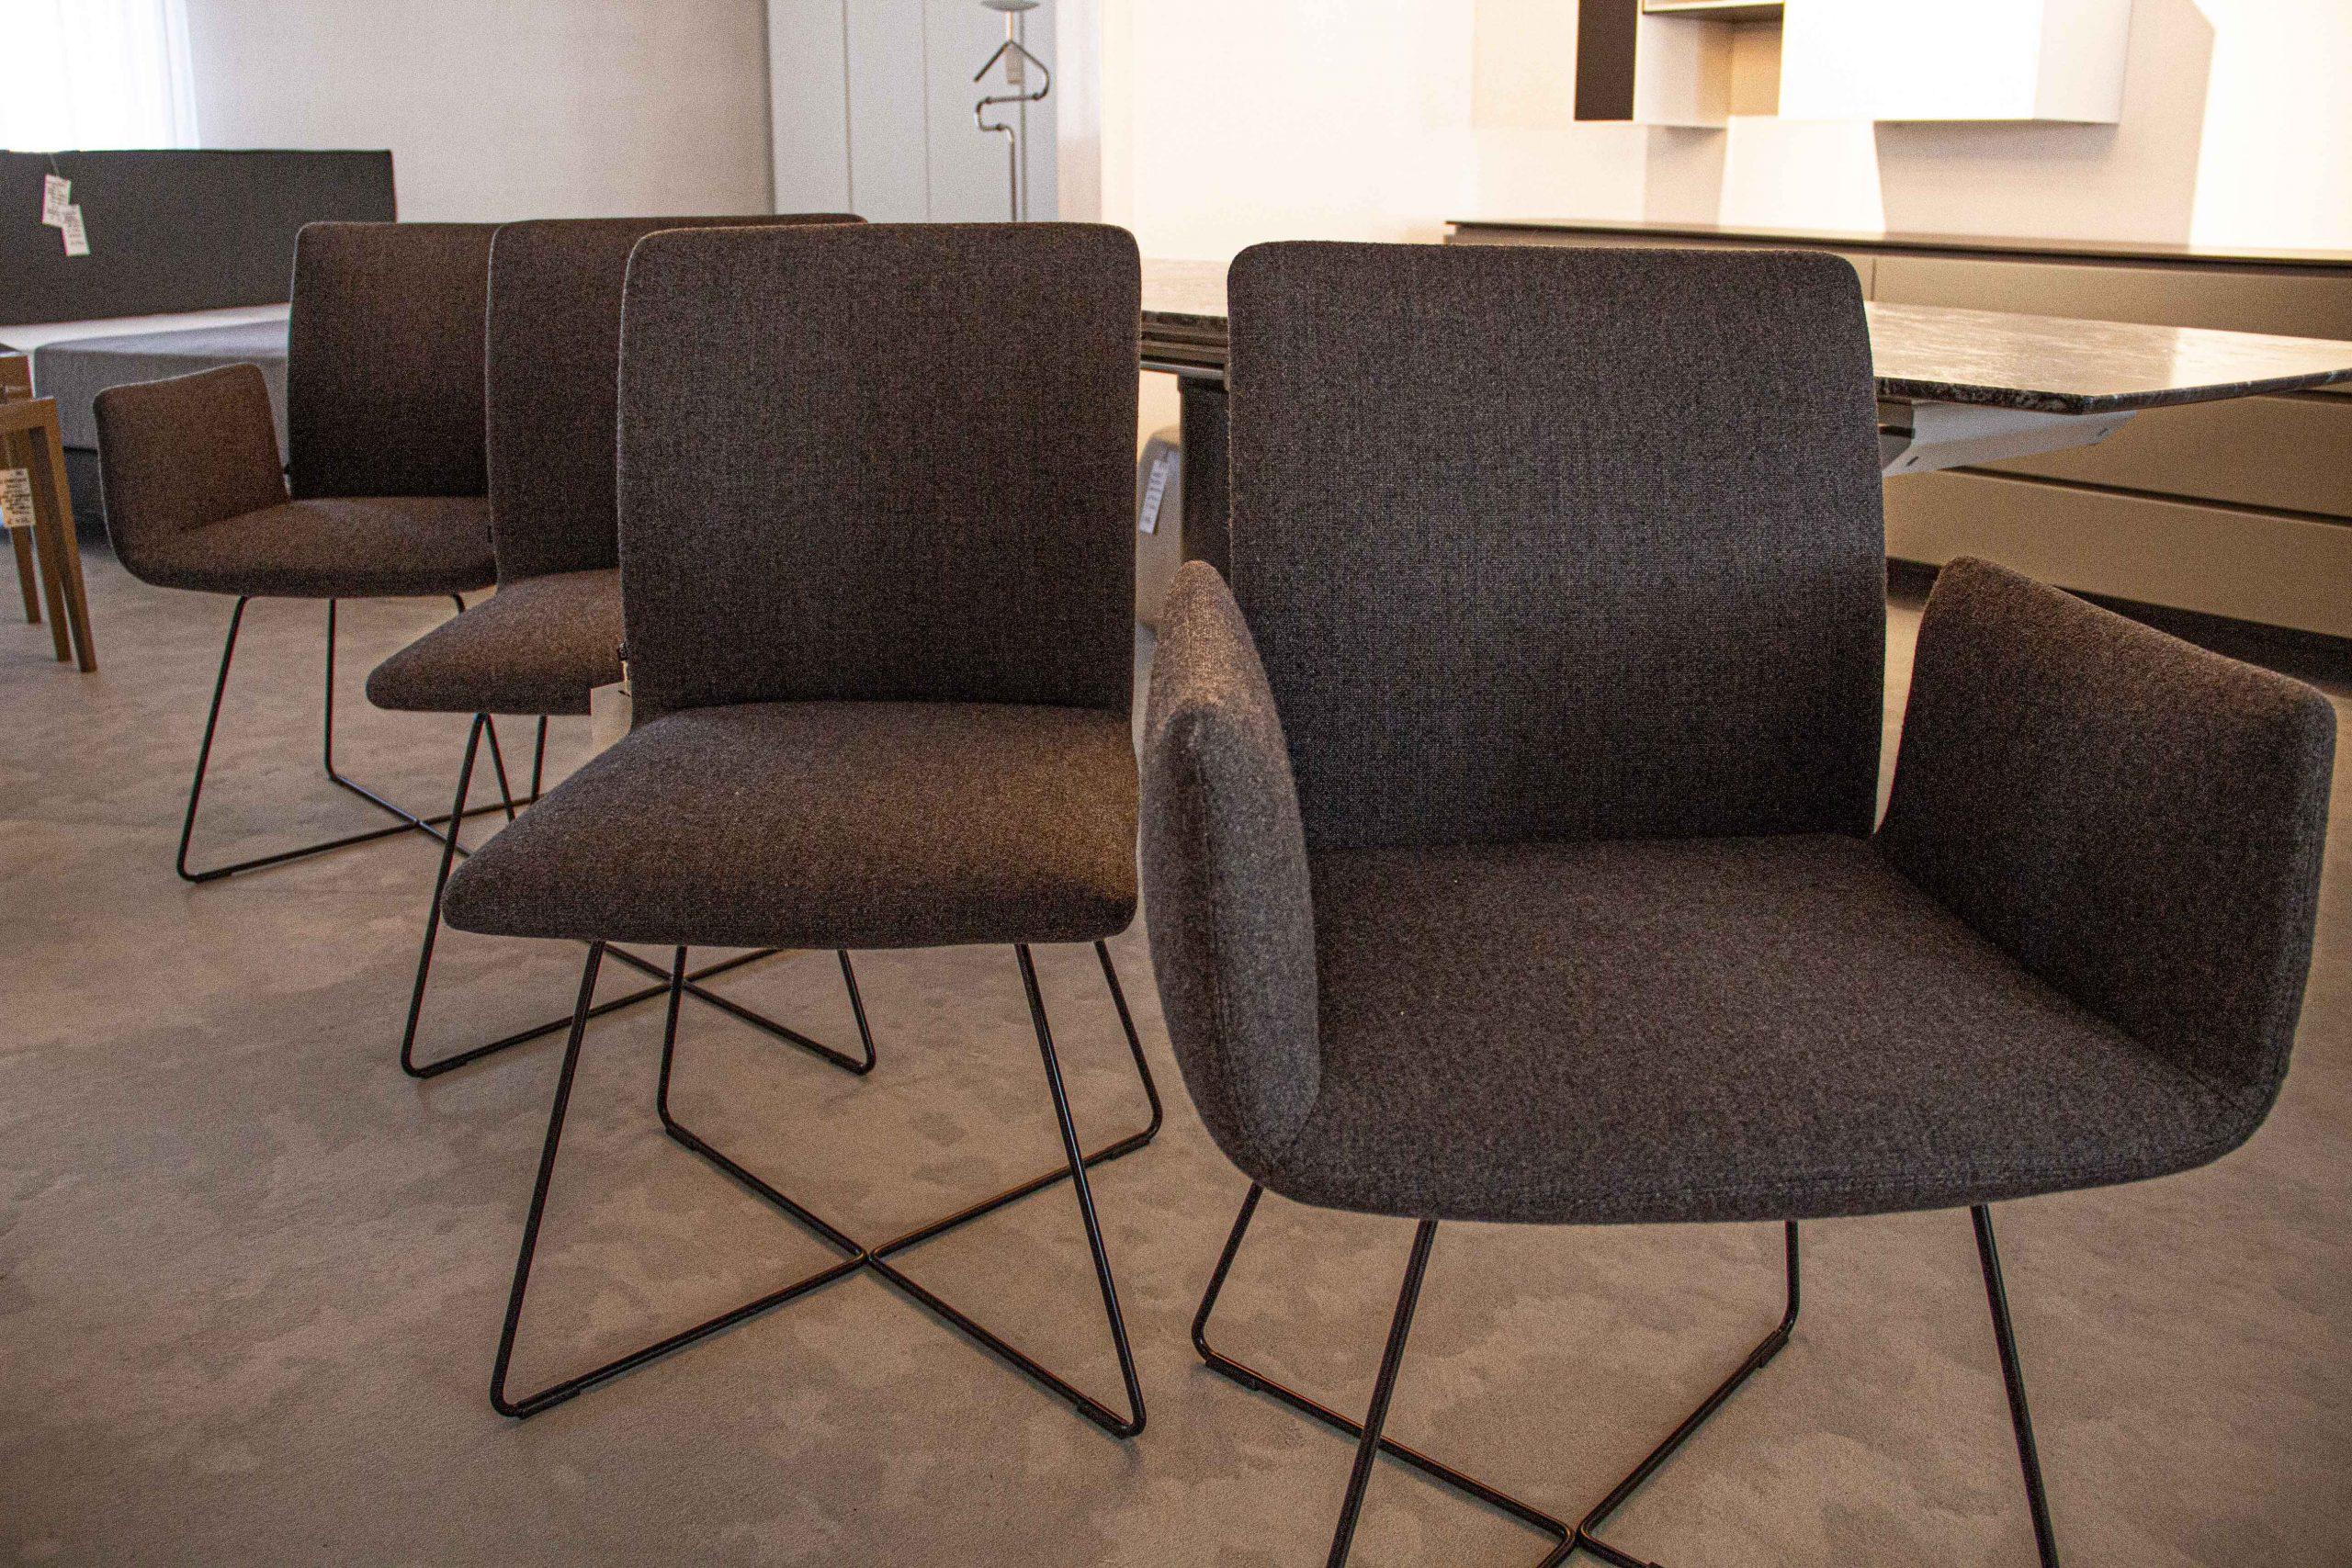 Möbel TAUSCH - einrichten - Stuhl Jalis